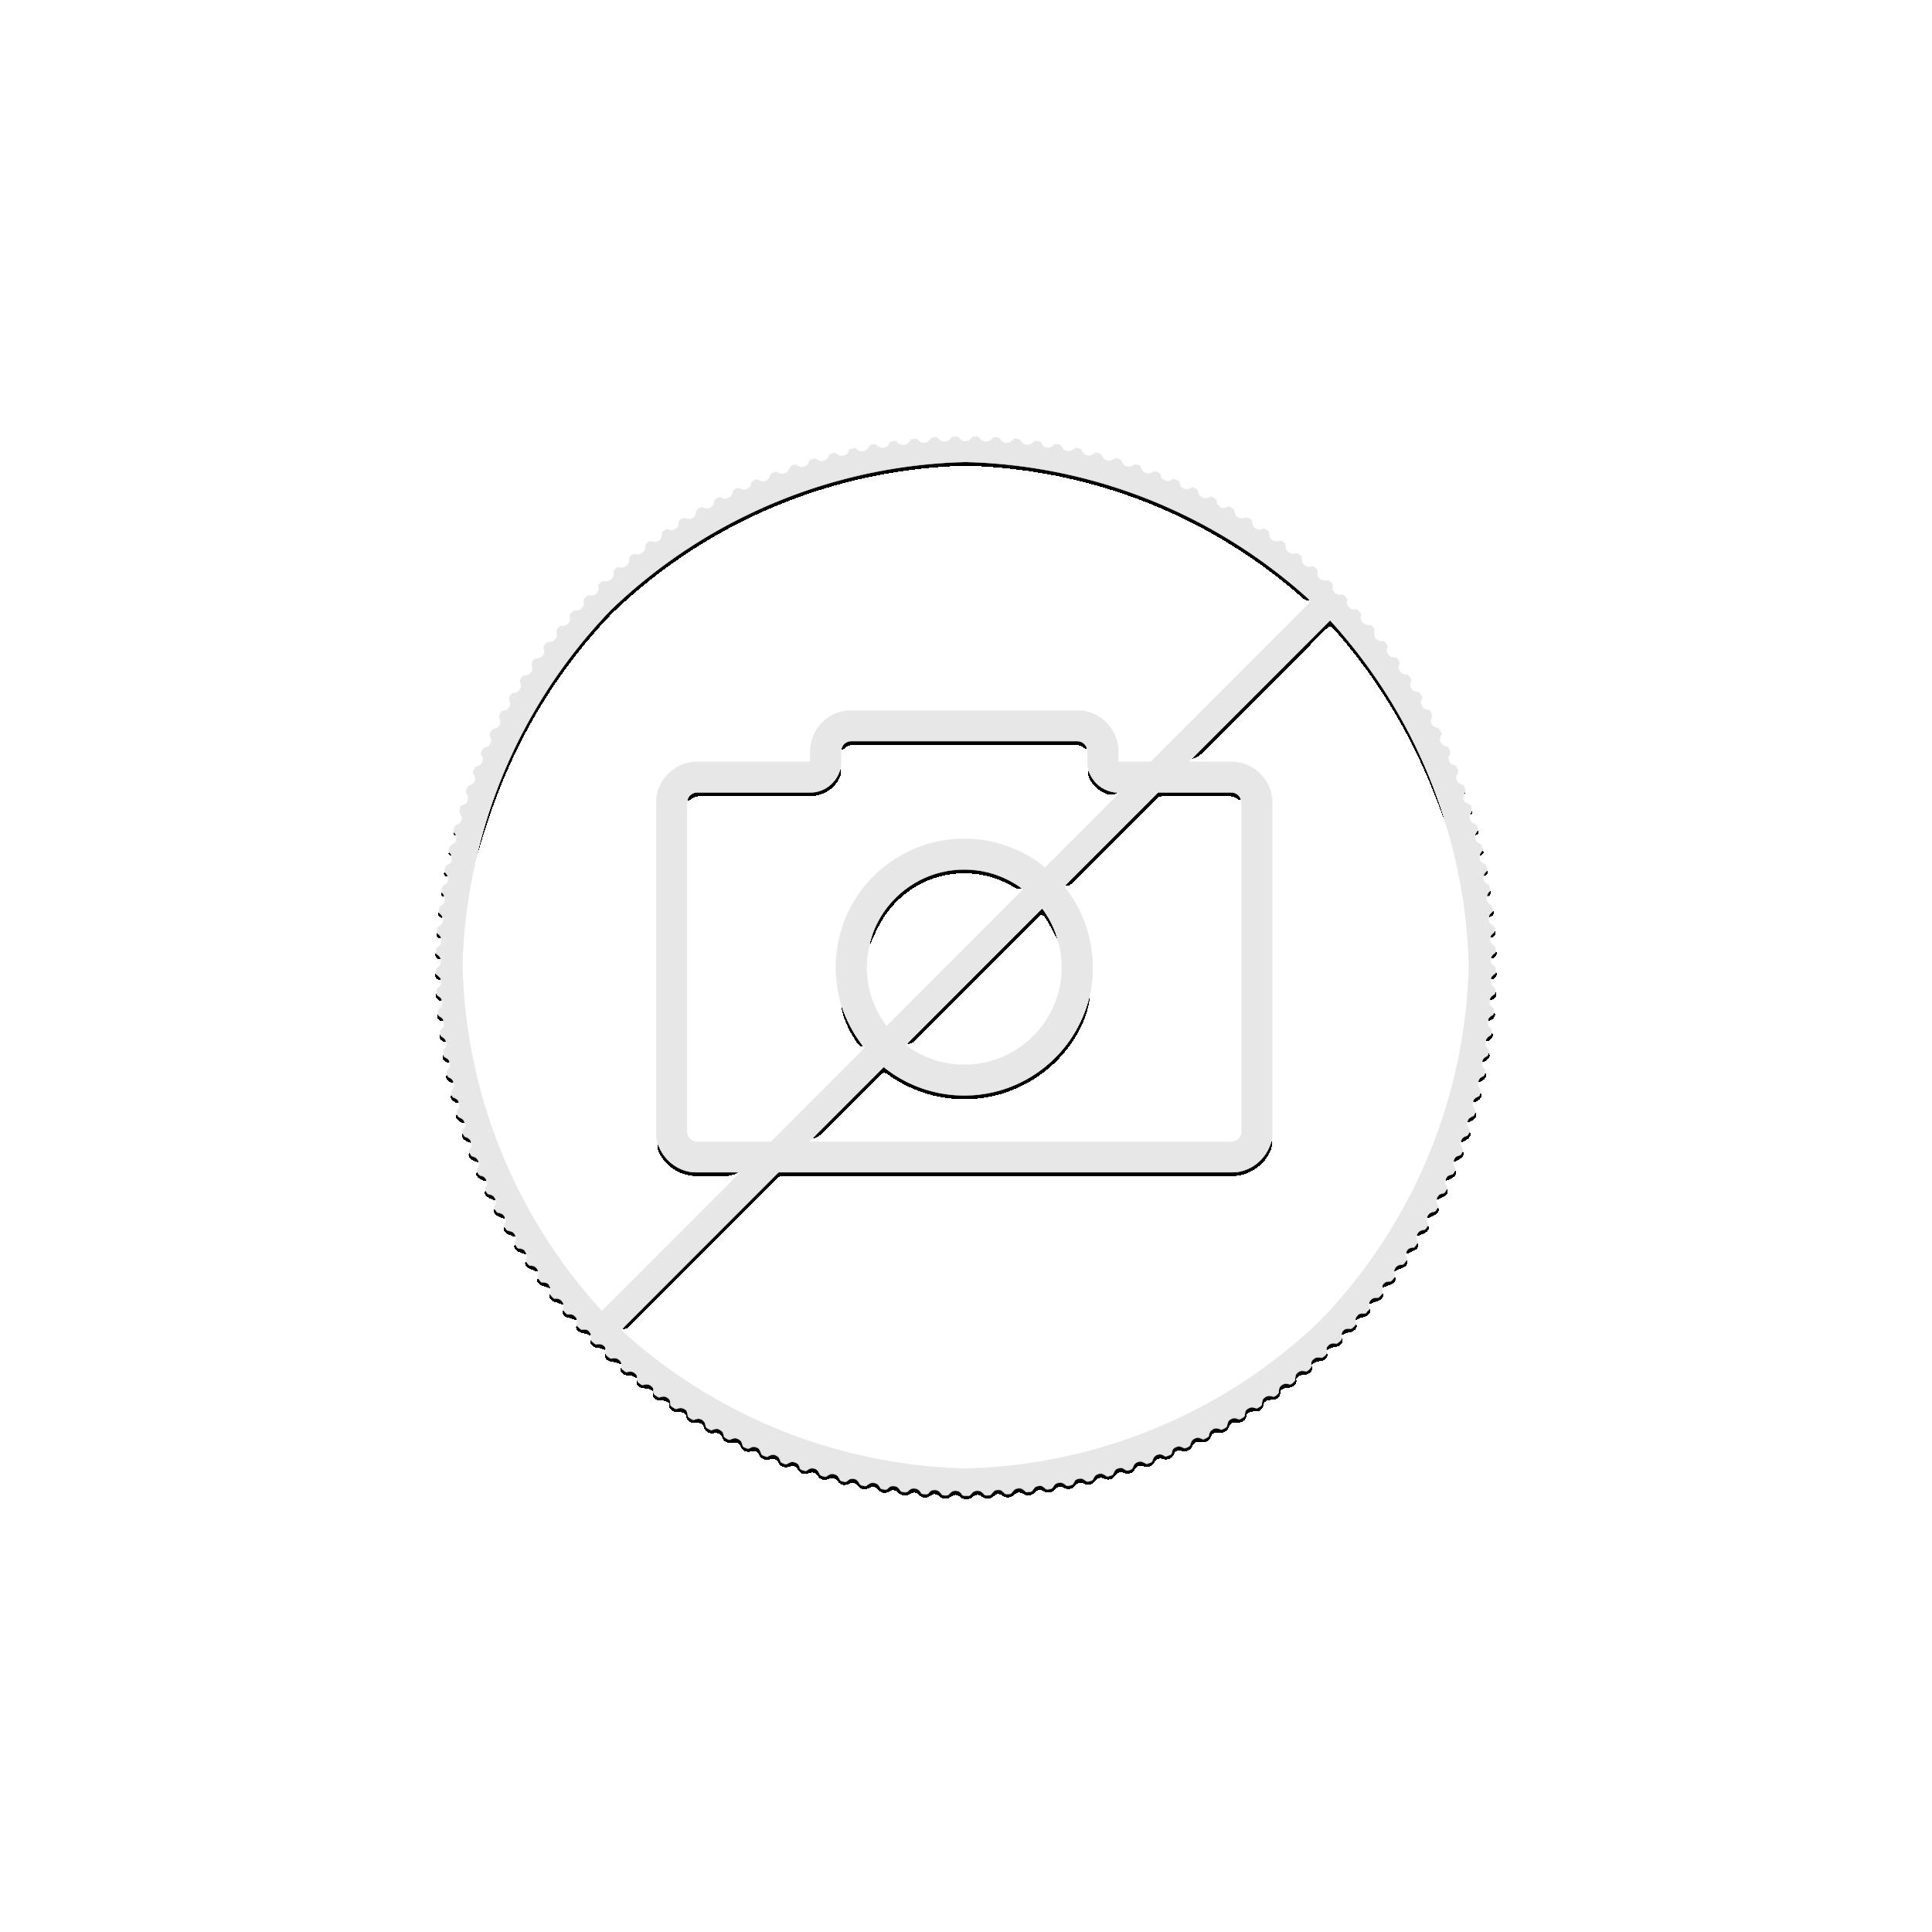 3 troy ounce silver coin Amun-Ra